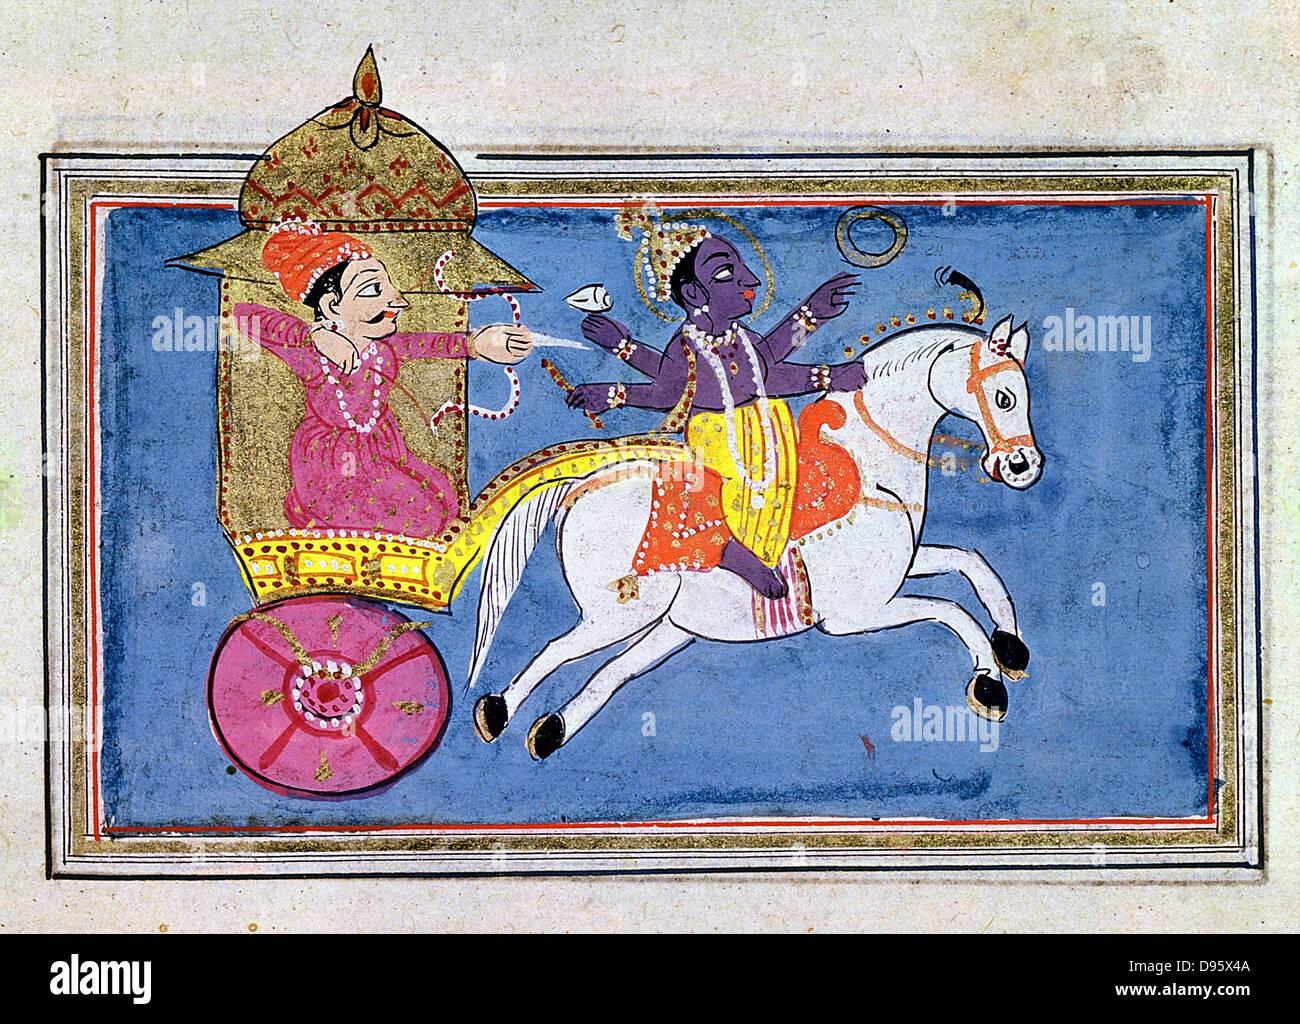 Krishna, divinità Indù, un avatar di Vishnu. Il XVII secolo l'illustrazione per il poema epico 'Mahabharata' Immagini Stock